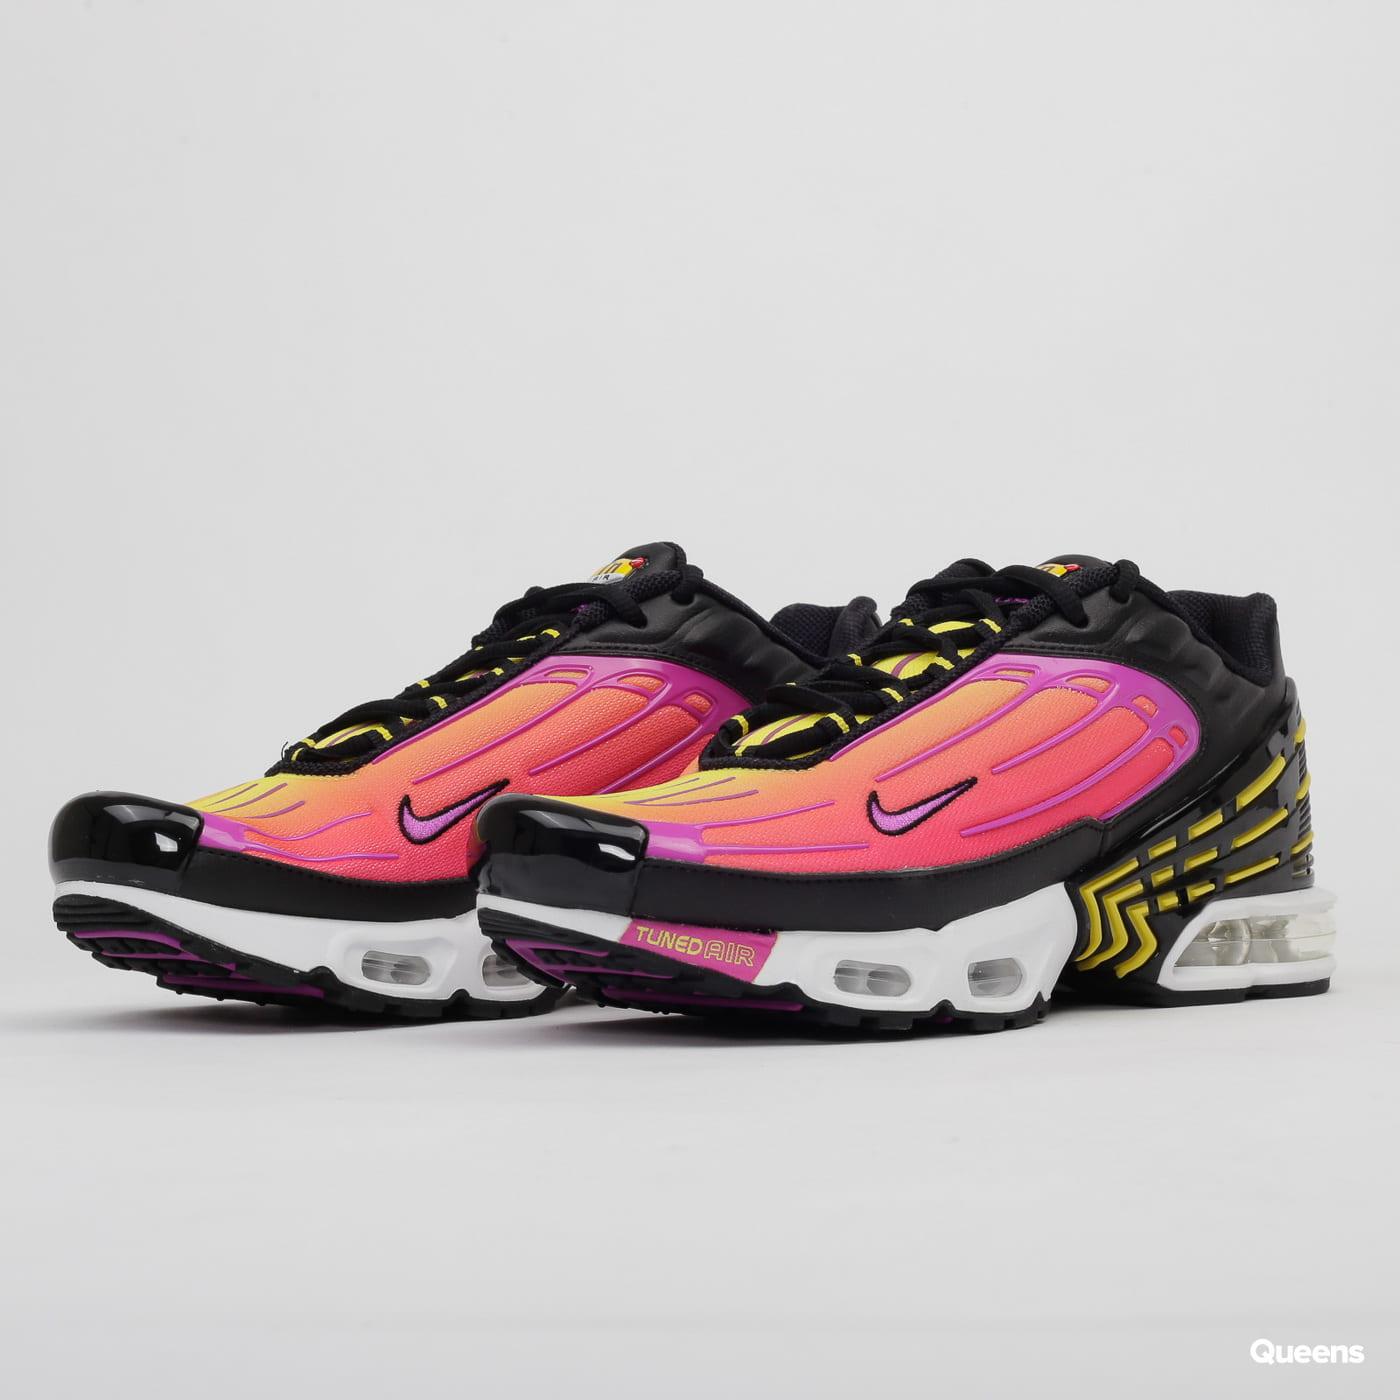 Nike Air Max Plus III black / hyper violet